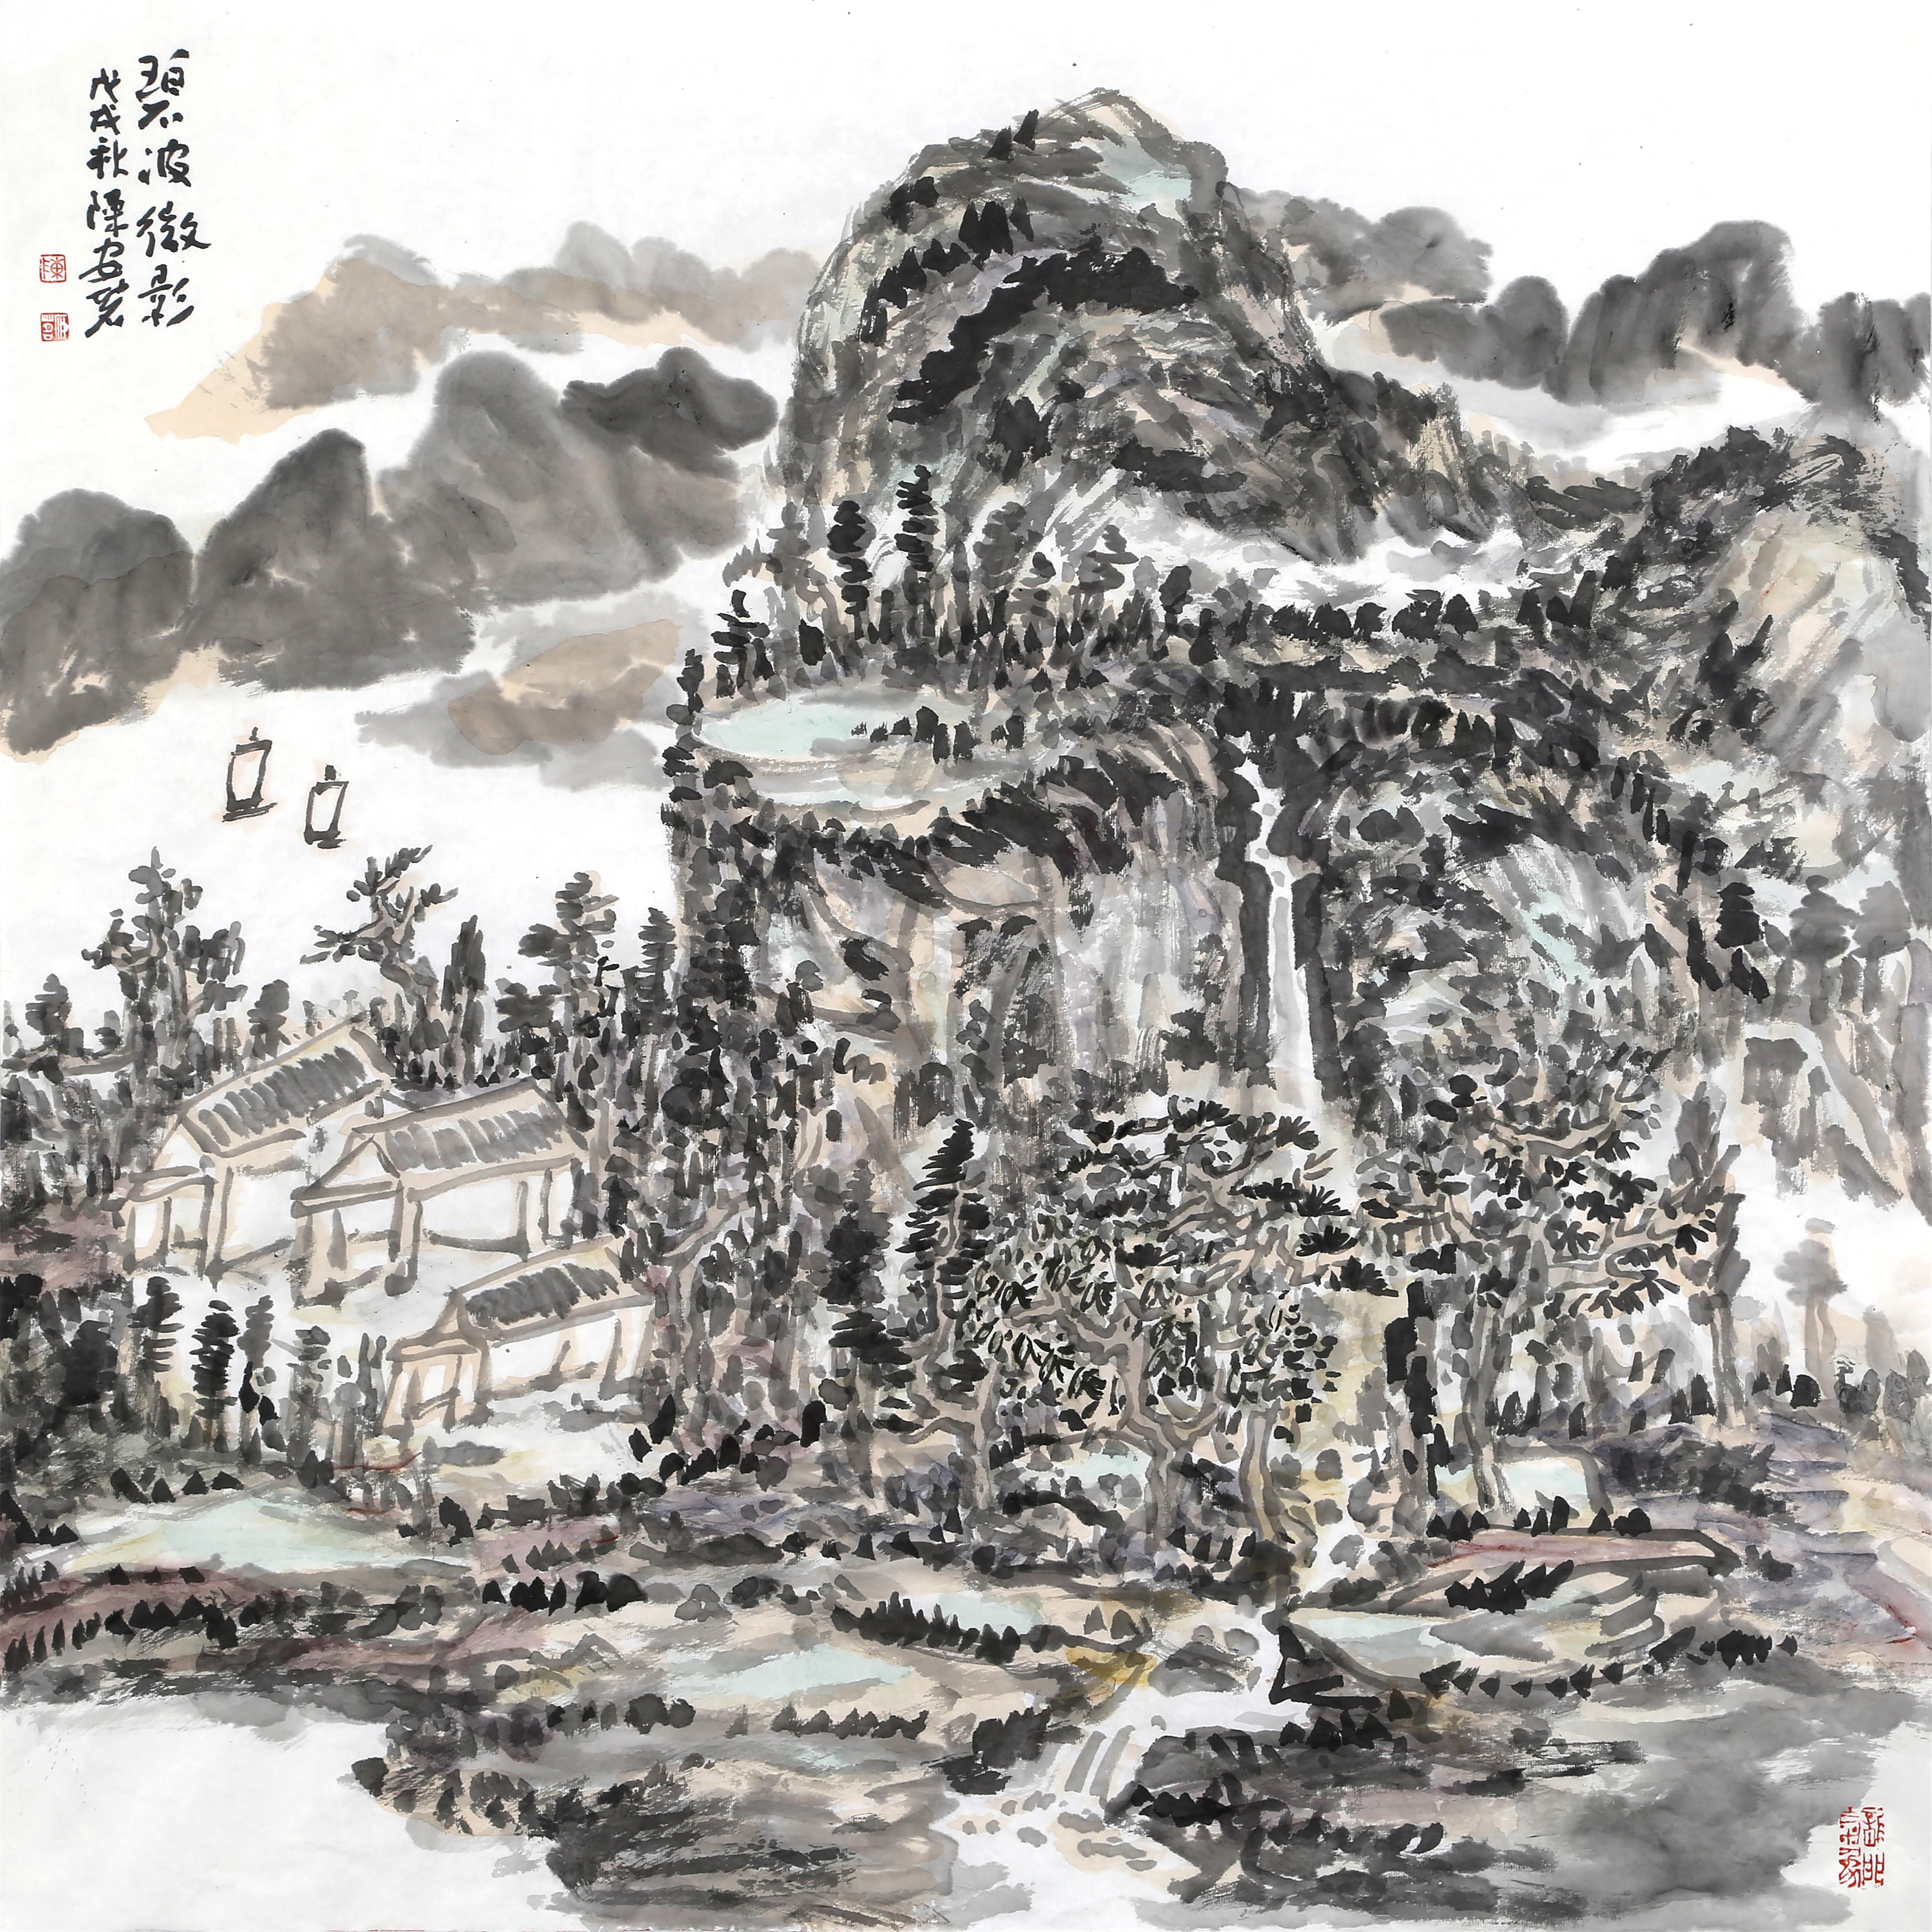 碧波微影(69x69cm)戊戌秋  陈安明2018年创作